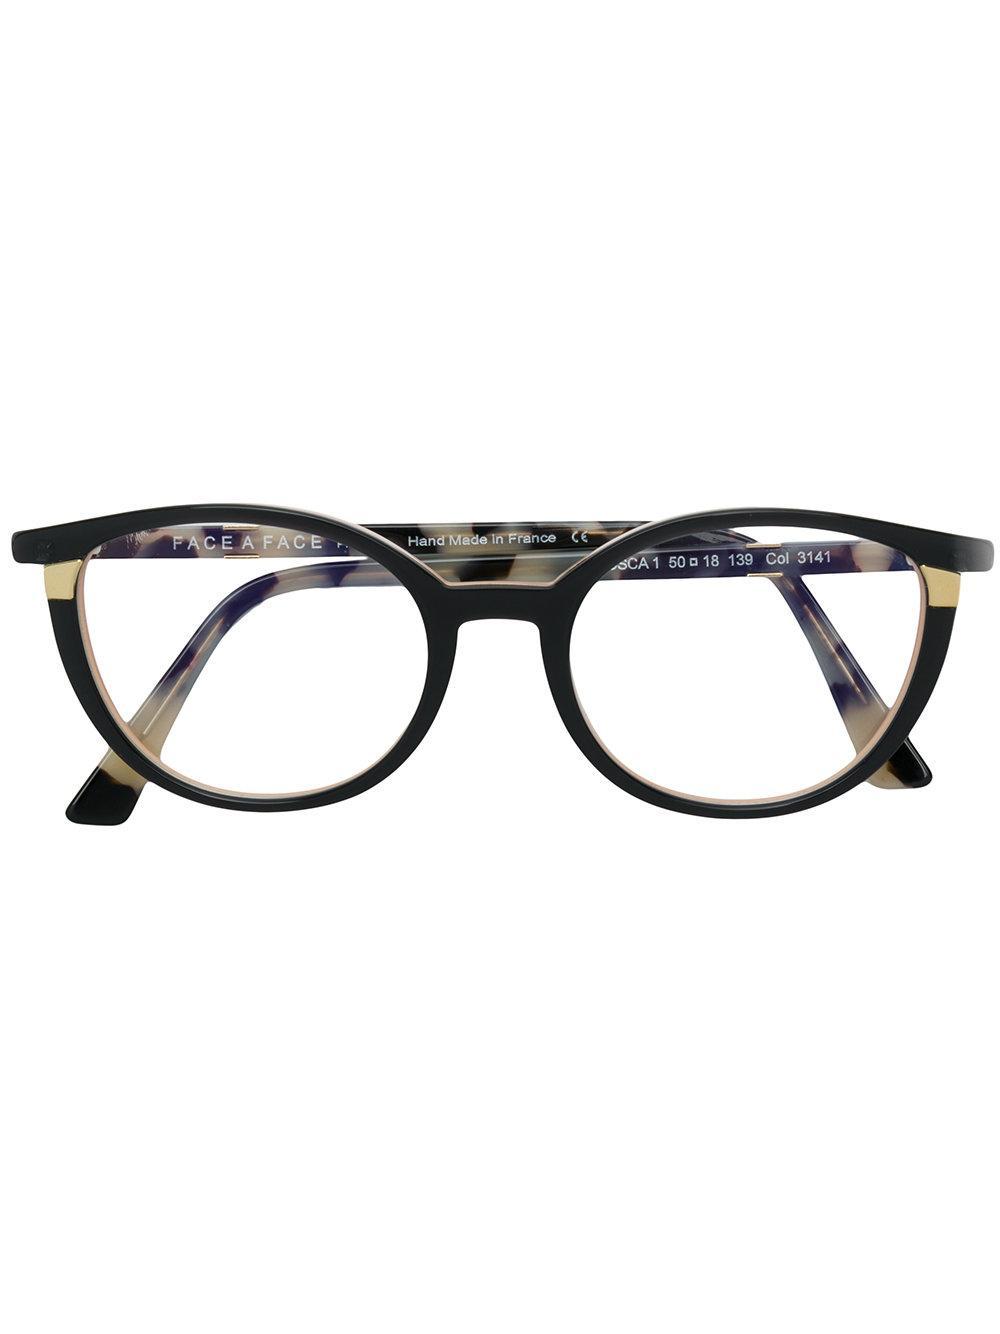 71b774e330070 Face À Face Tortoiseshell Cat-Eye Glasses - Black